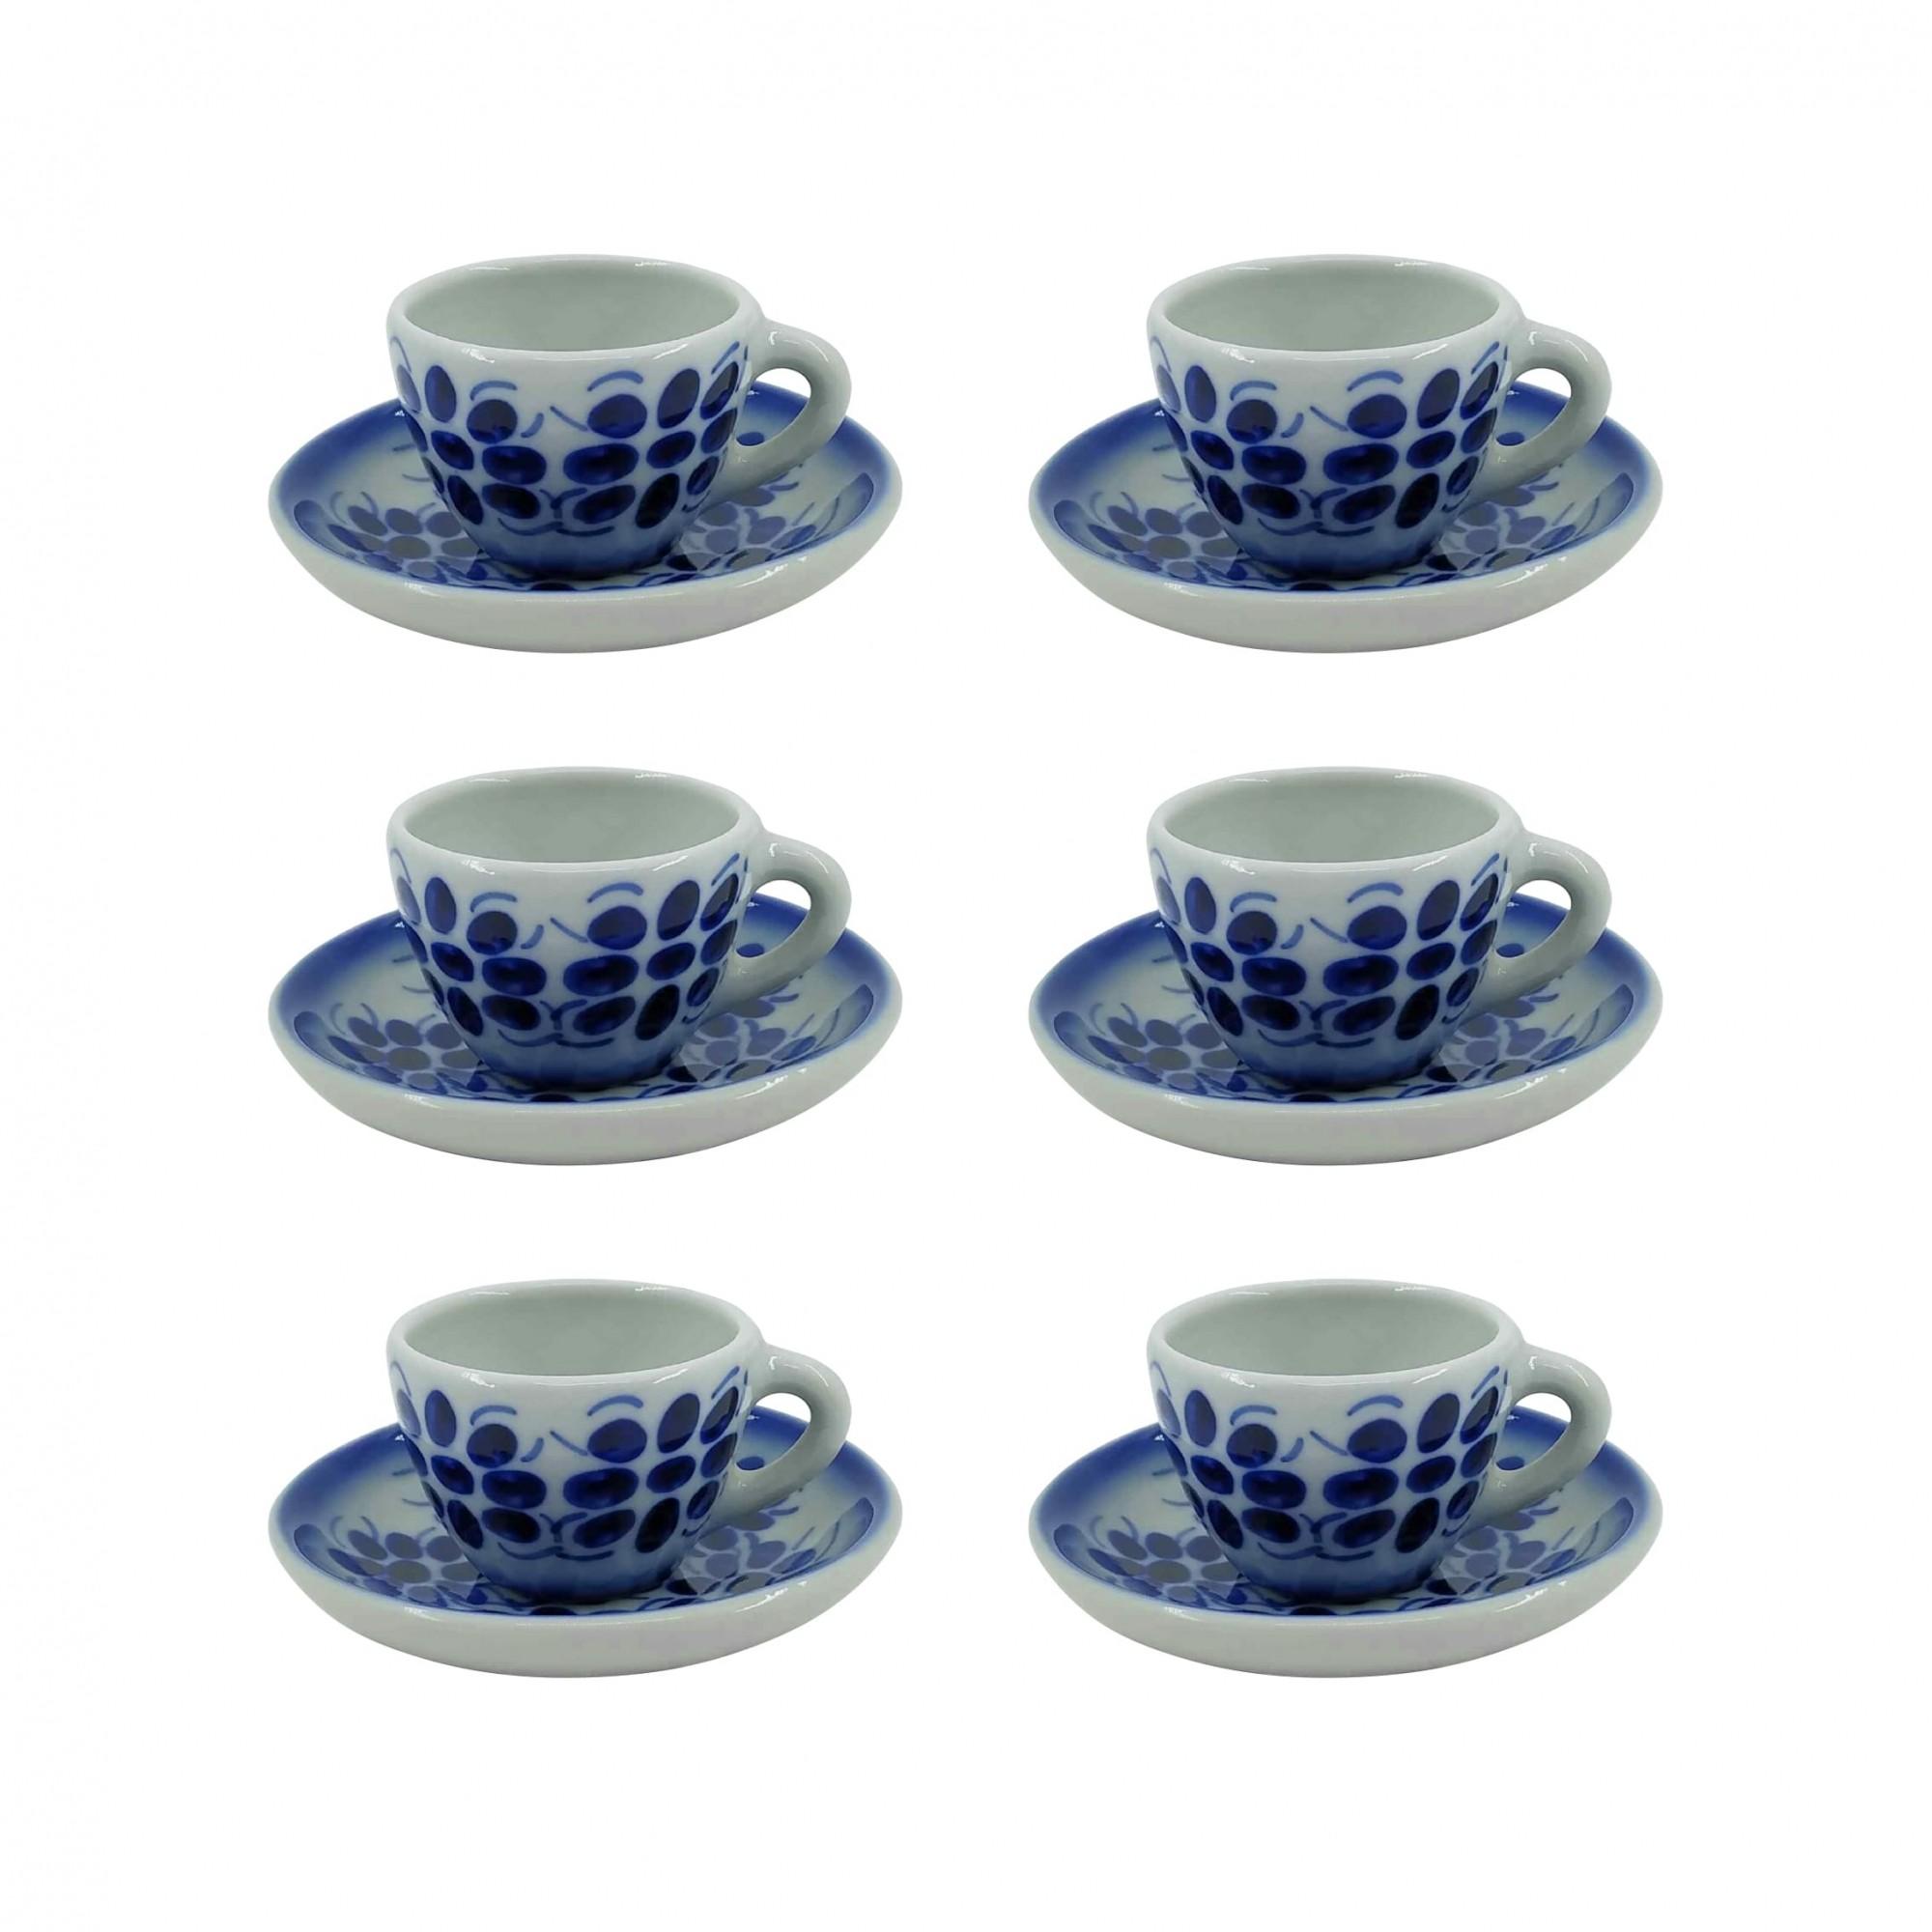 Jogo de 6 Xícaras de Café e Pires em Porcelana Azul Colonial 50 ml